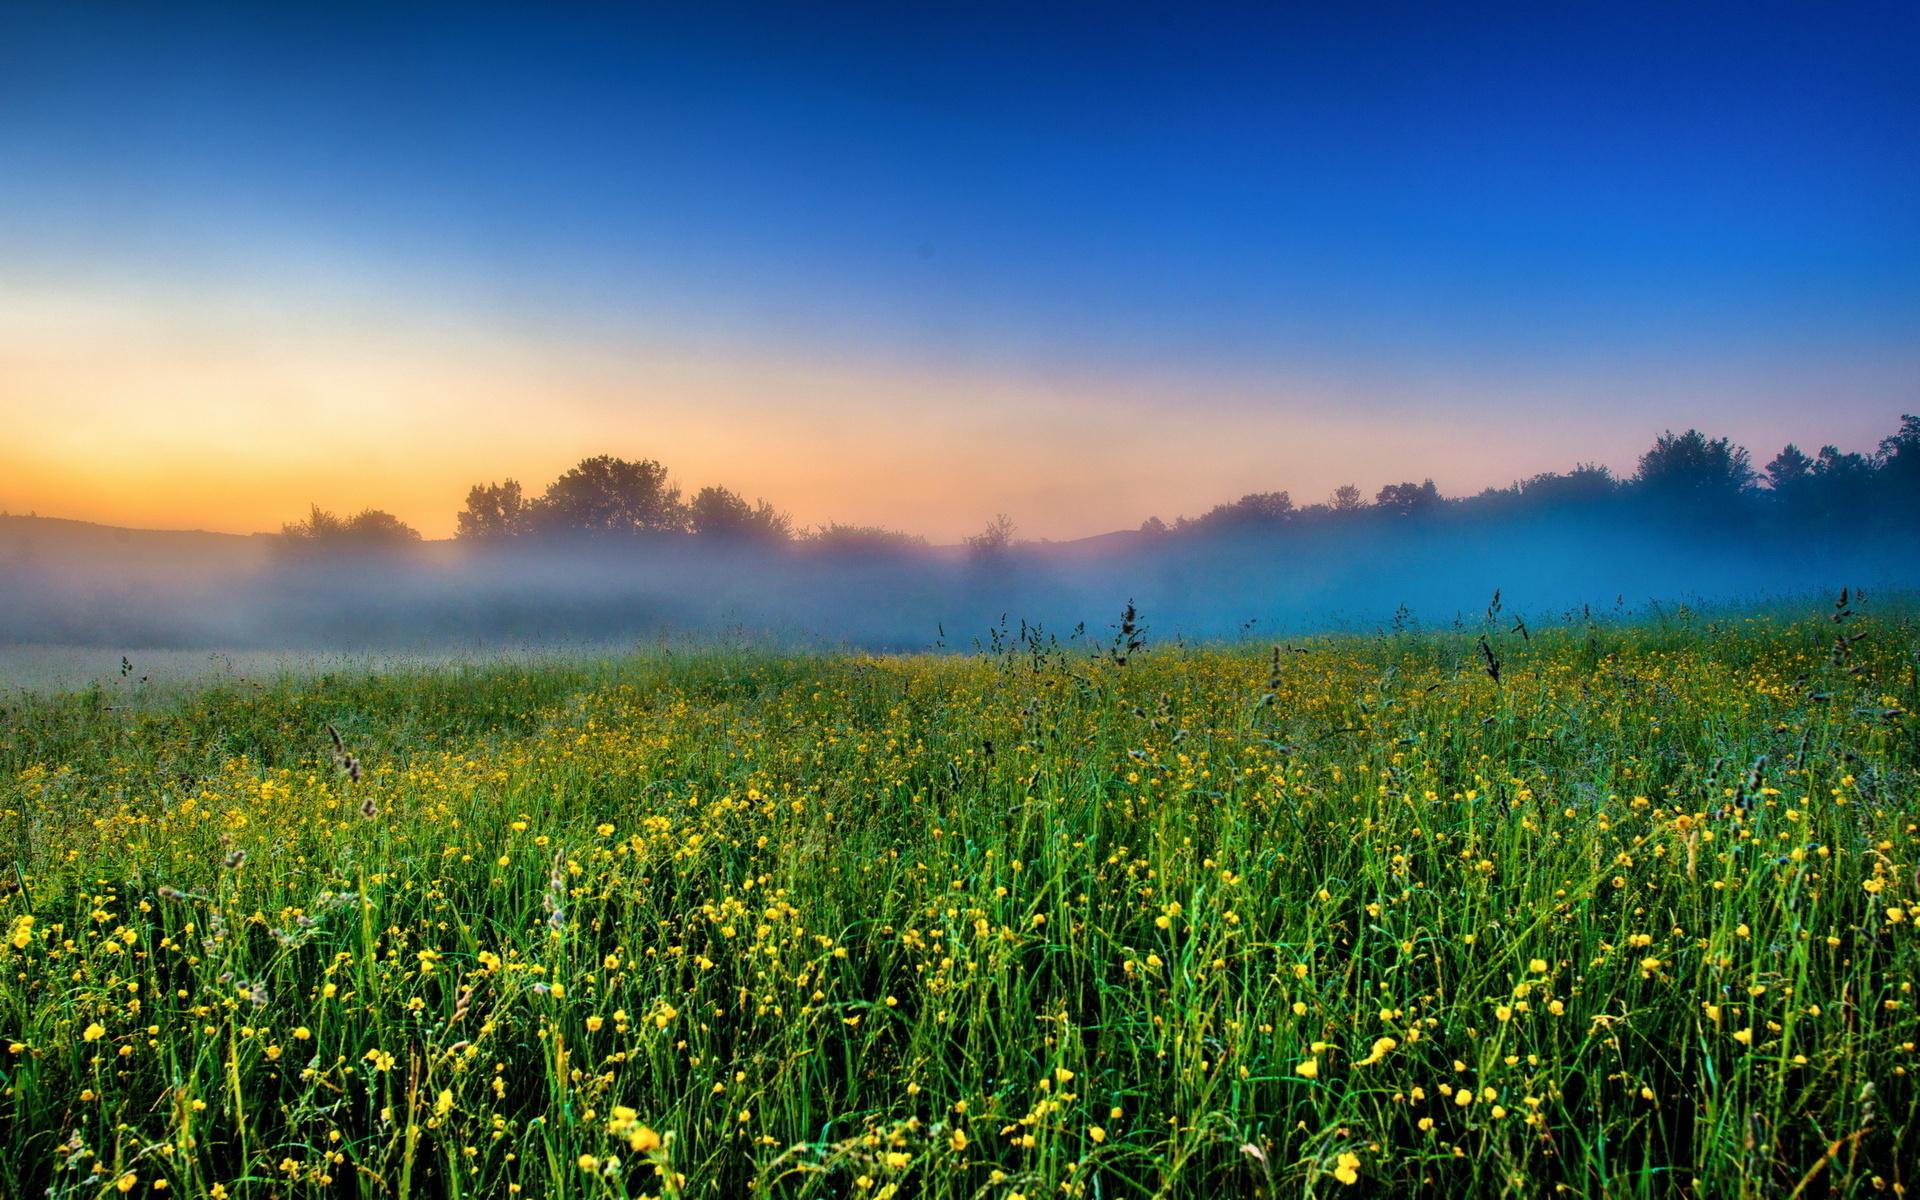 самуэльсон популярный фотографии утреннего поля африканские маски, как